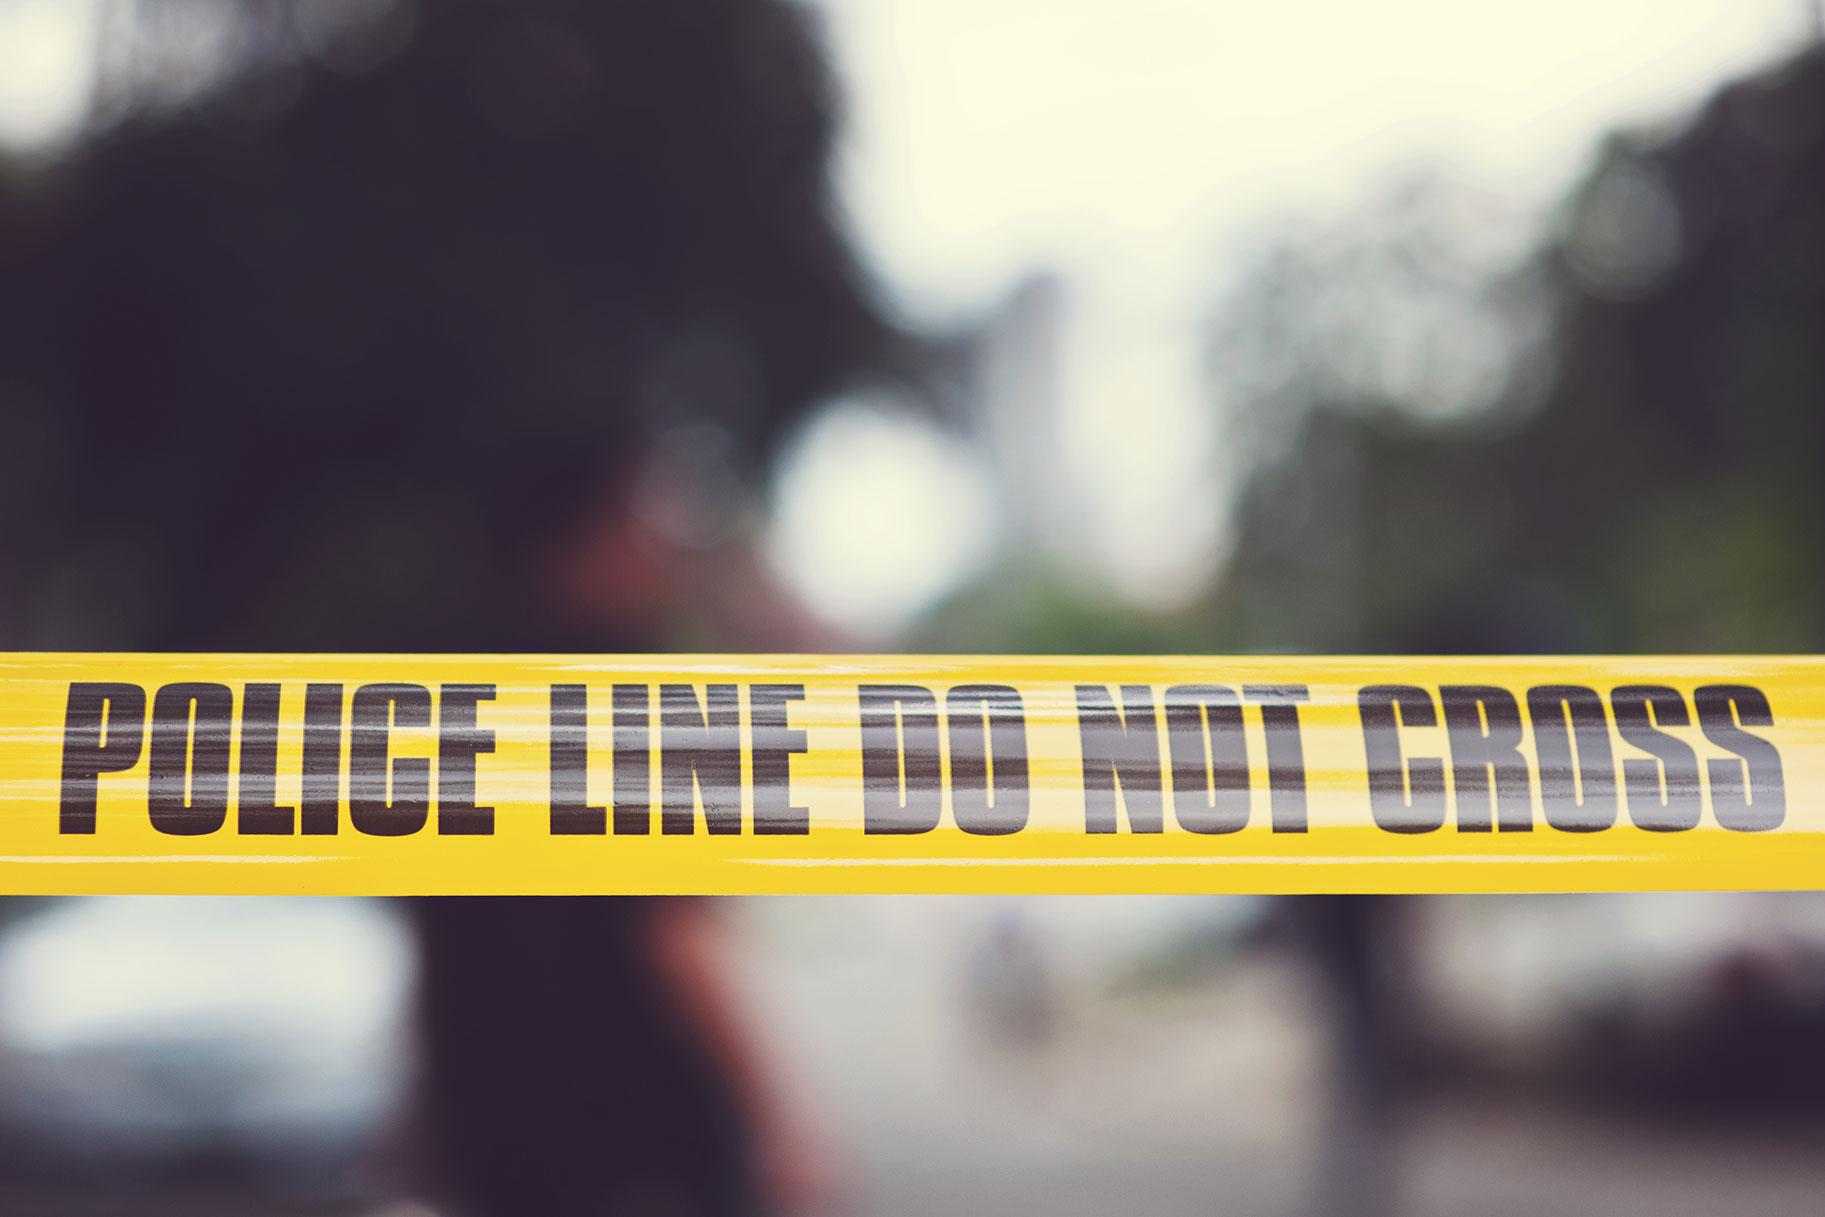 'Sin remordimientos': un grupo de niñas de secundaria presuntamente apuñala a un adolescente en una tienda de comestibles y transmite The Killing en las redes sociales